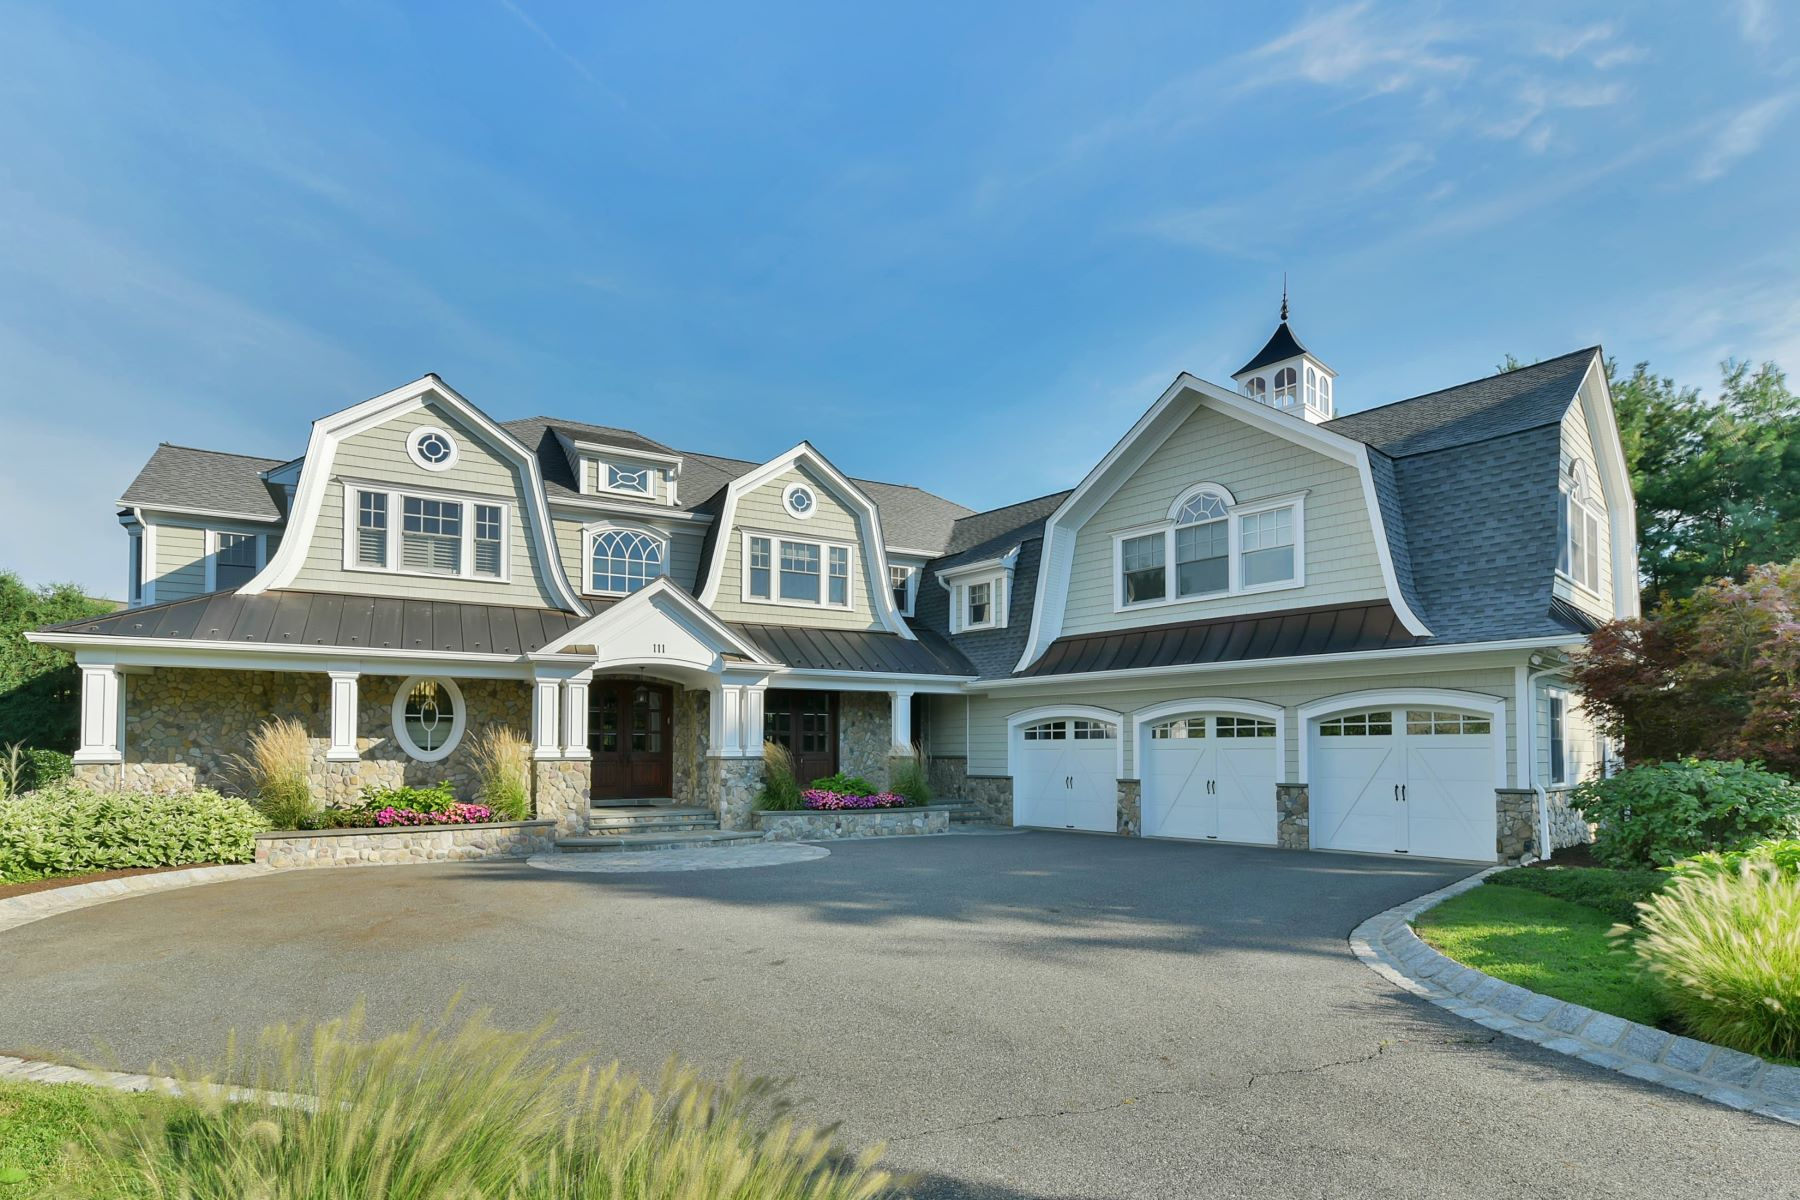 Maison unifamiliale pour l Vente à Classically Elegant Hampton Style Colonial 111 Willow Pond Court Wyckoff, New Jersey 07481 États-Unis